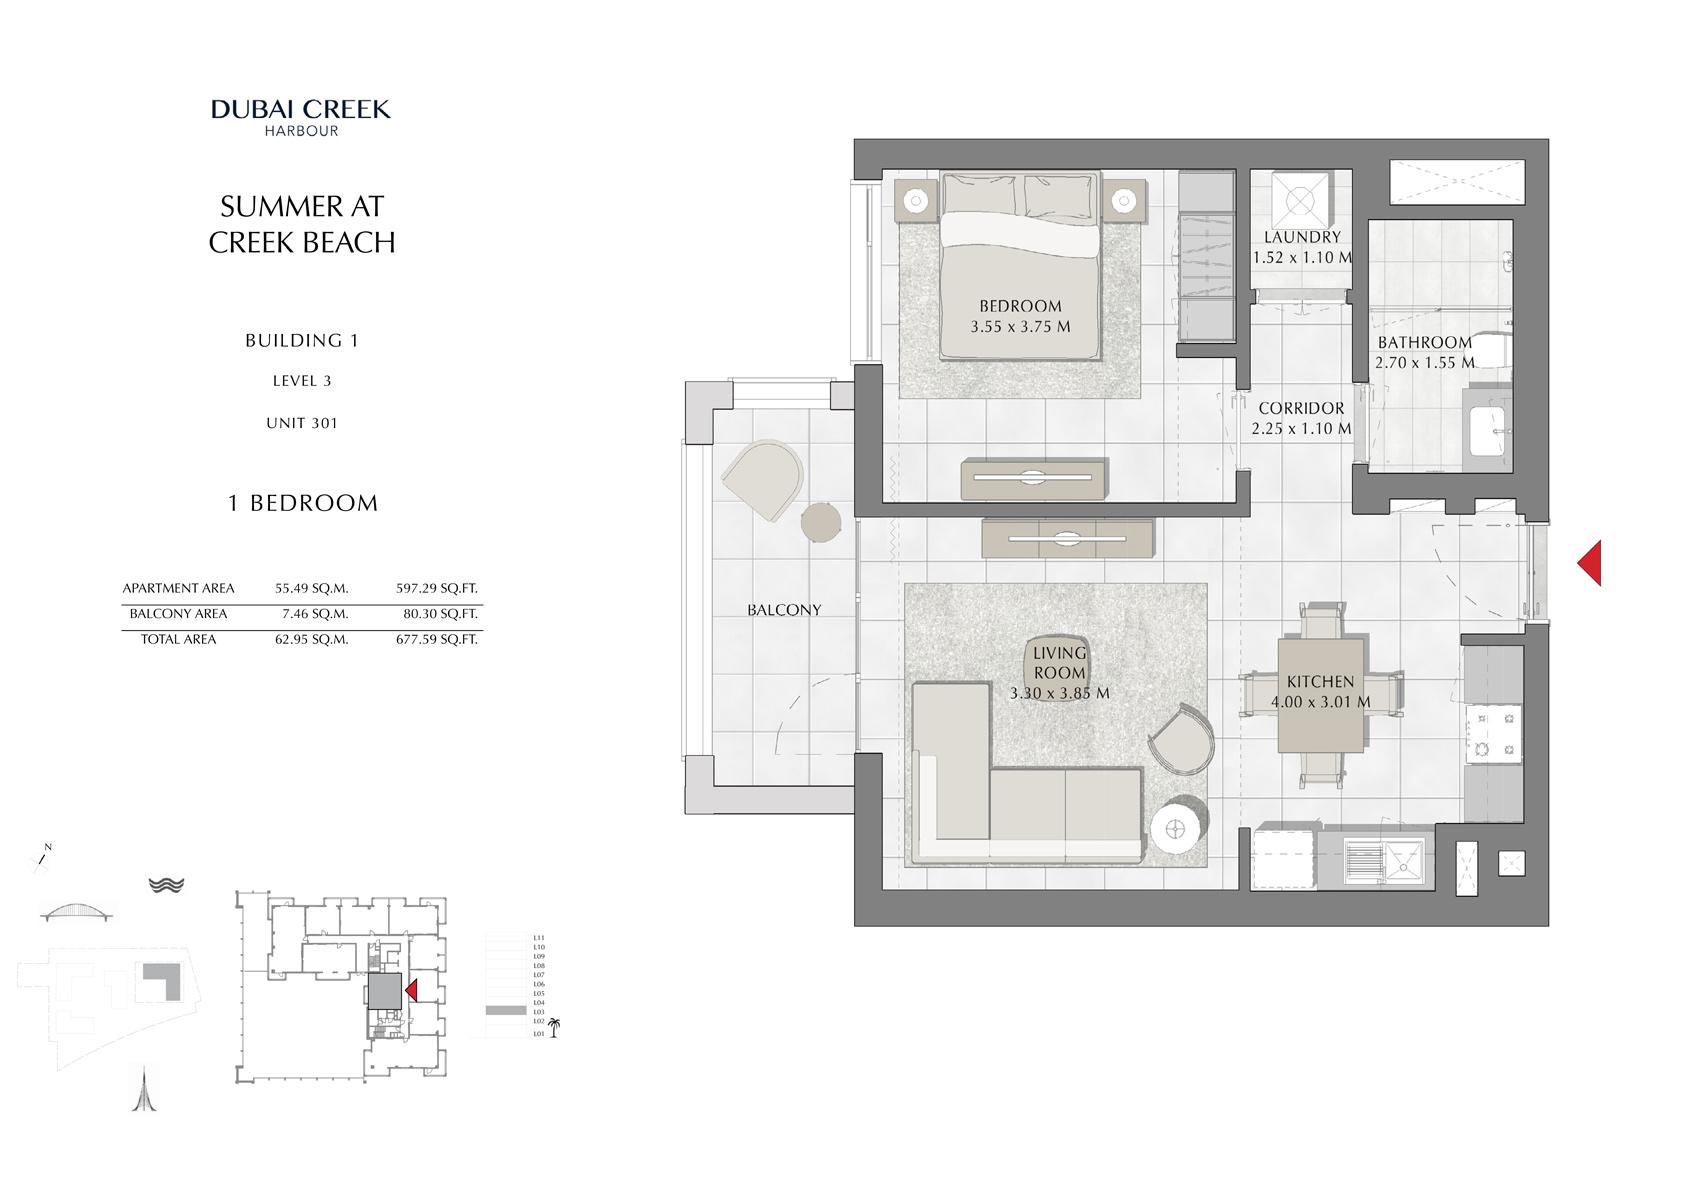 1 Br Building 1 Level-4-6-8-10 Unit 401-601-801-1001, Size 677 Sq Ft